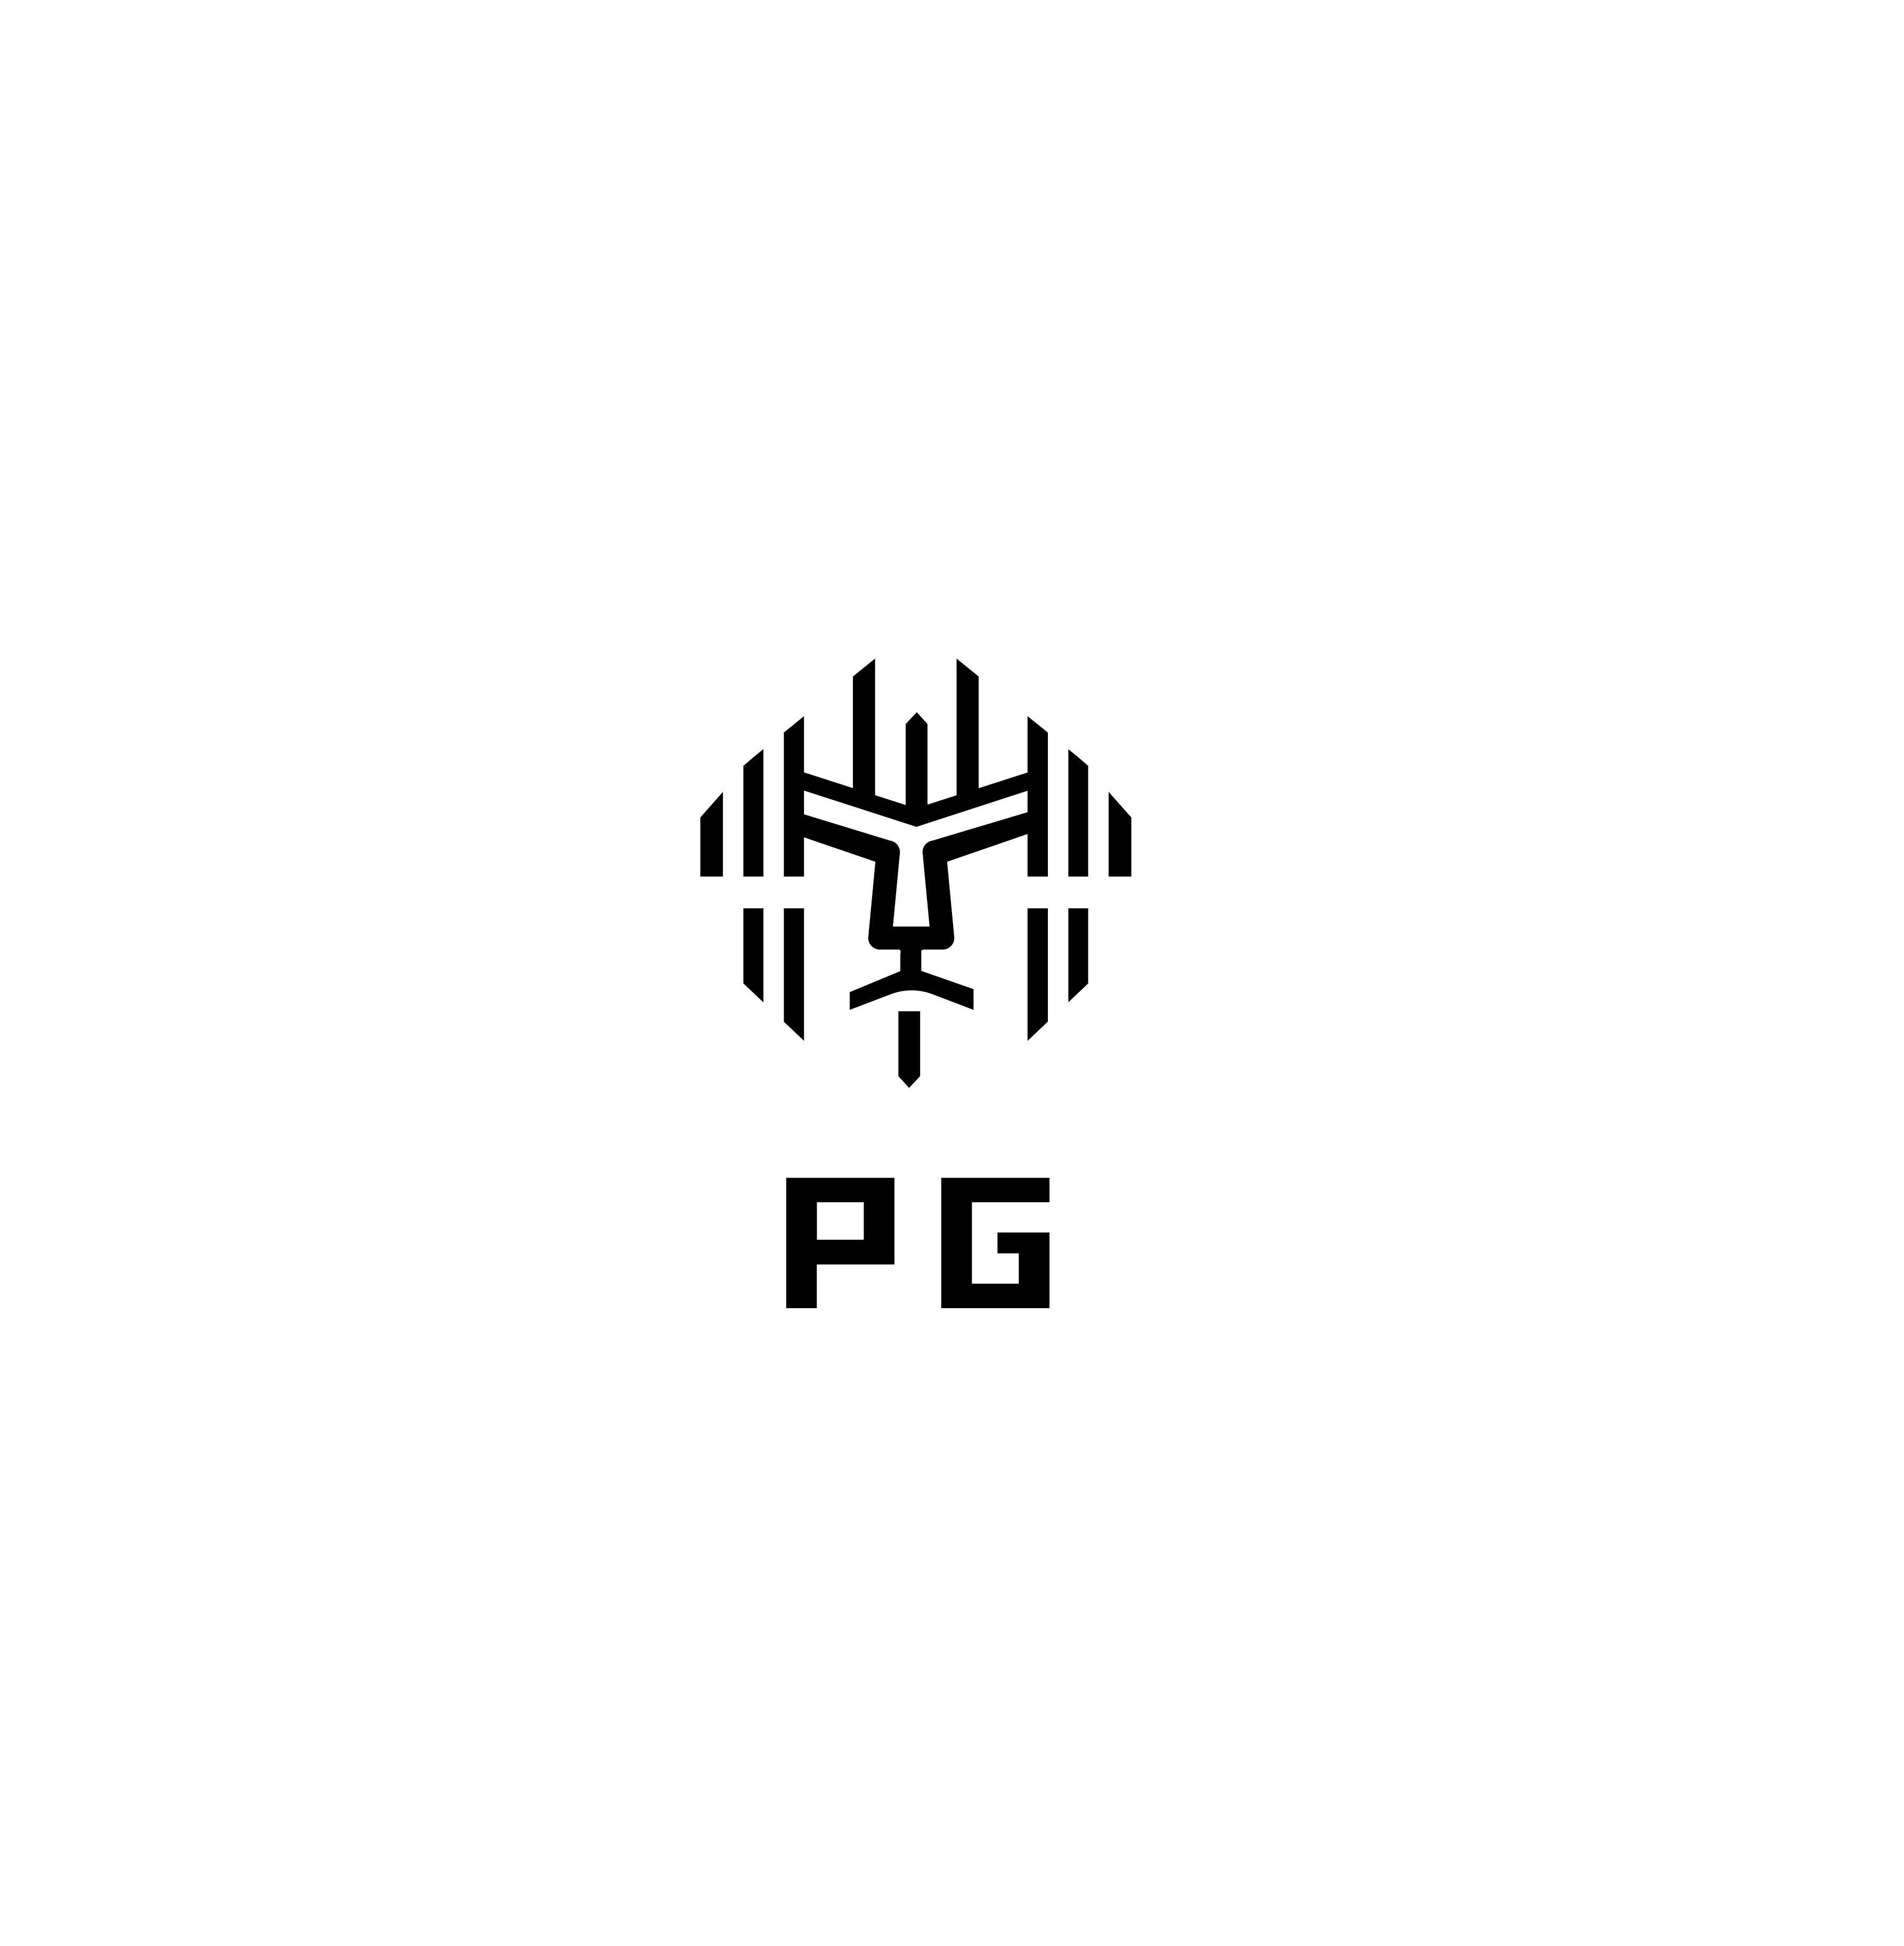 Логотип для Крафтовой Пивоварни фото f_2135cac6f757b01f.jpg